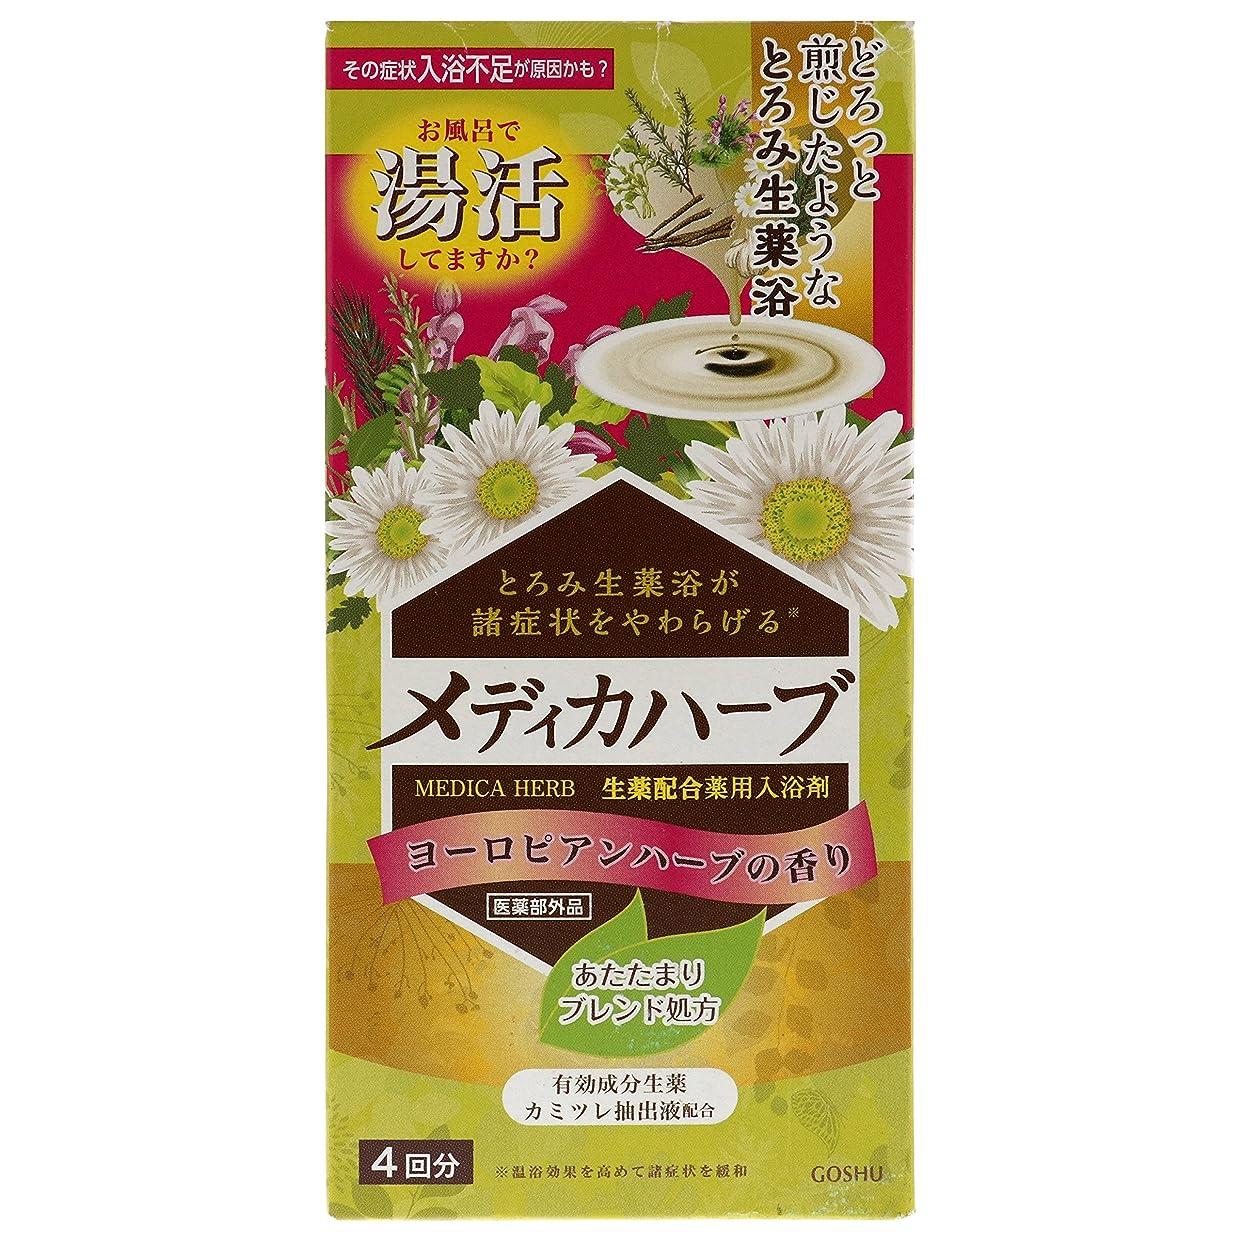 速報ニコチン忘れるメディカハーブ ヨーロピアンハーブの香り 4包(4回分) [医薬部外品]